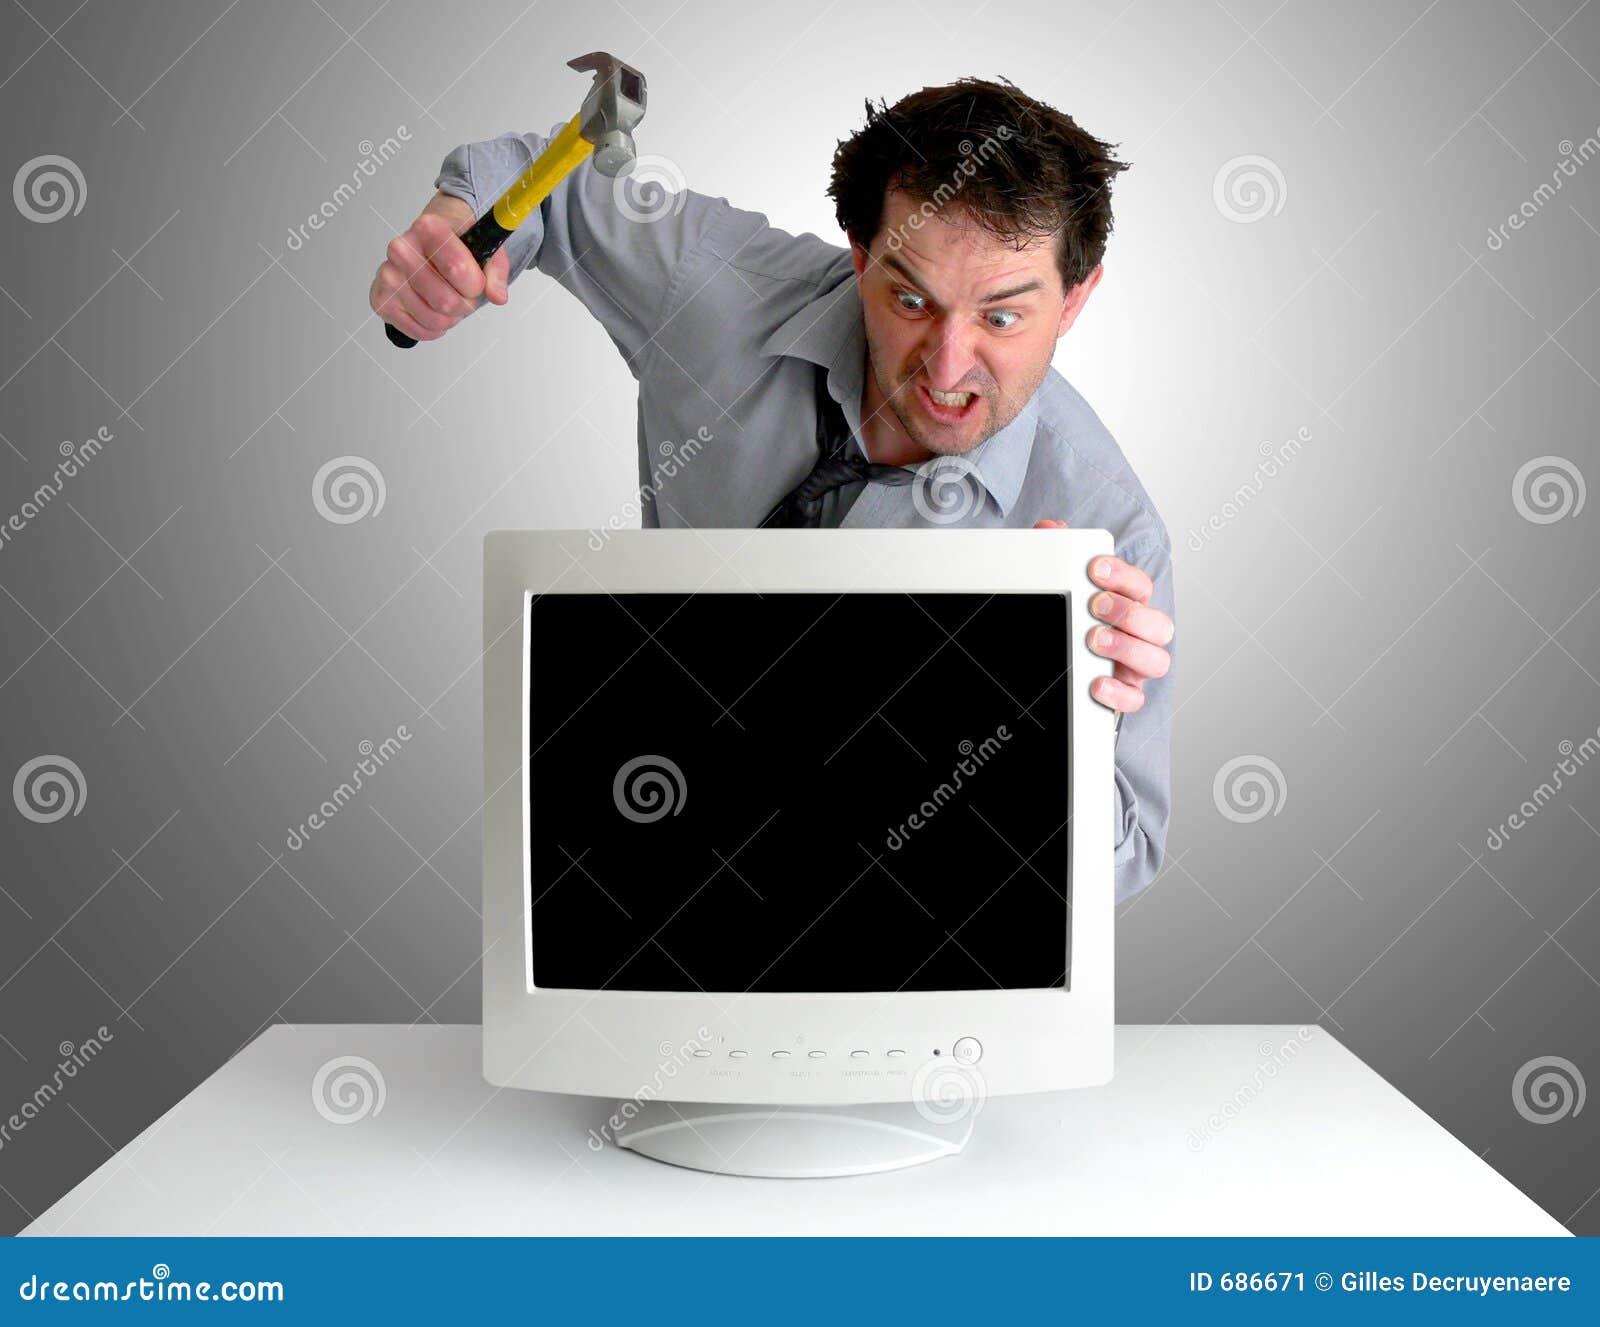 Разбить компьютер играть онлайн бесплатно 1 фотография